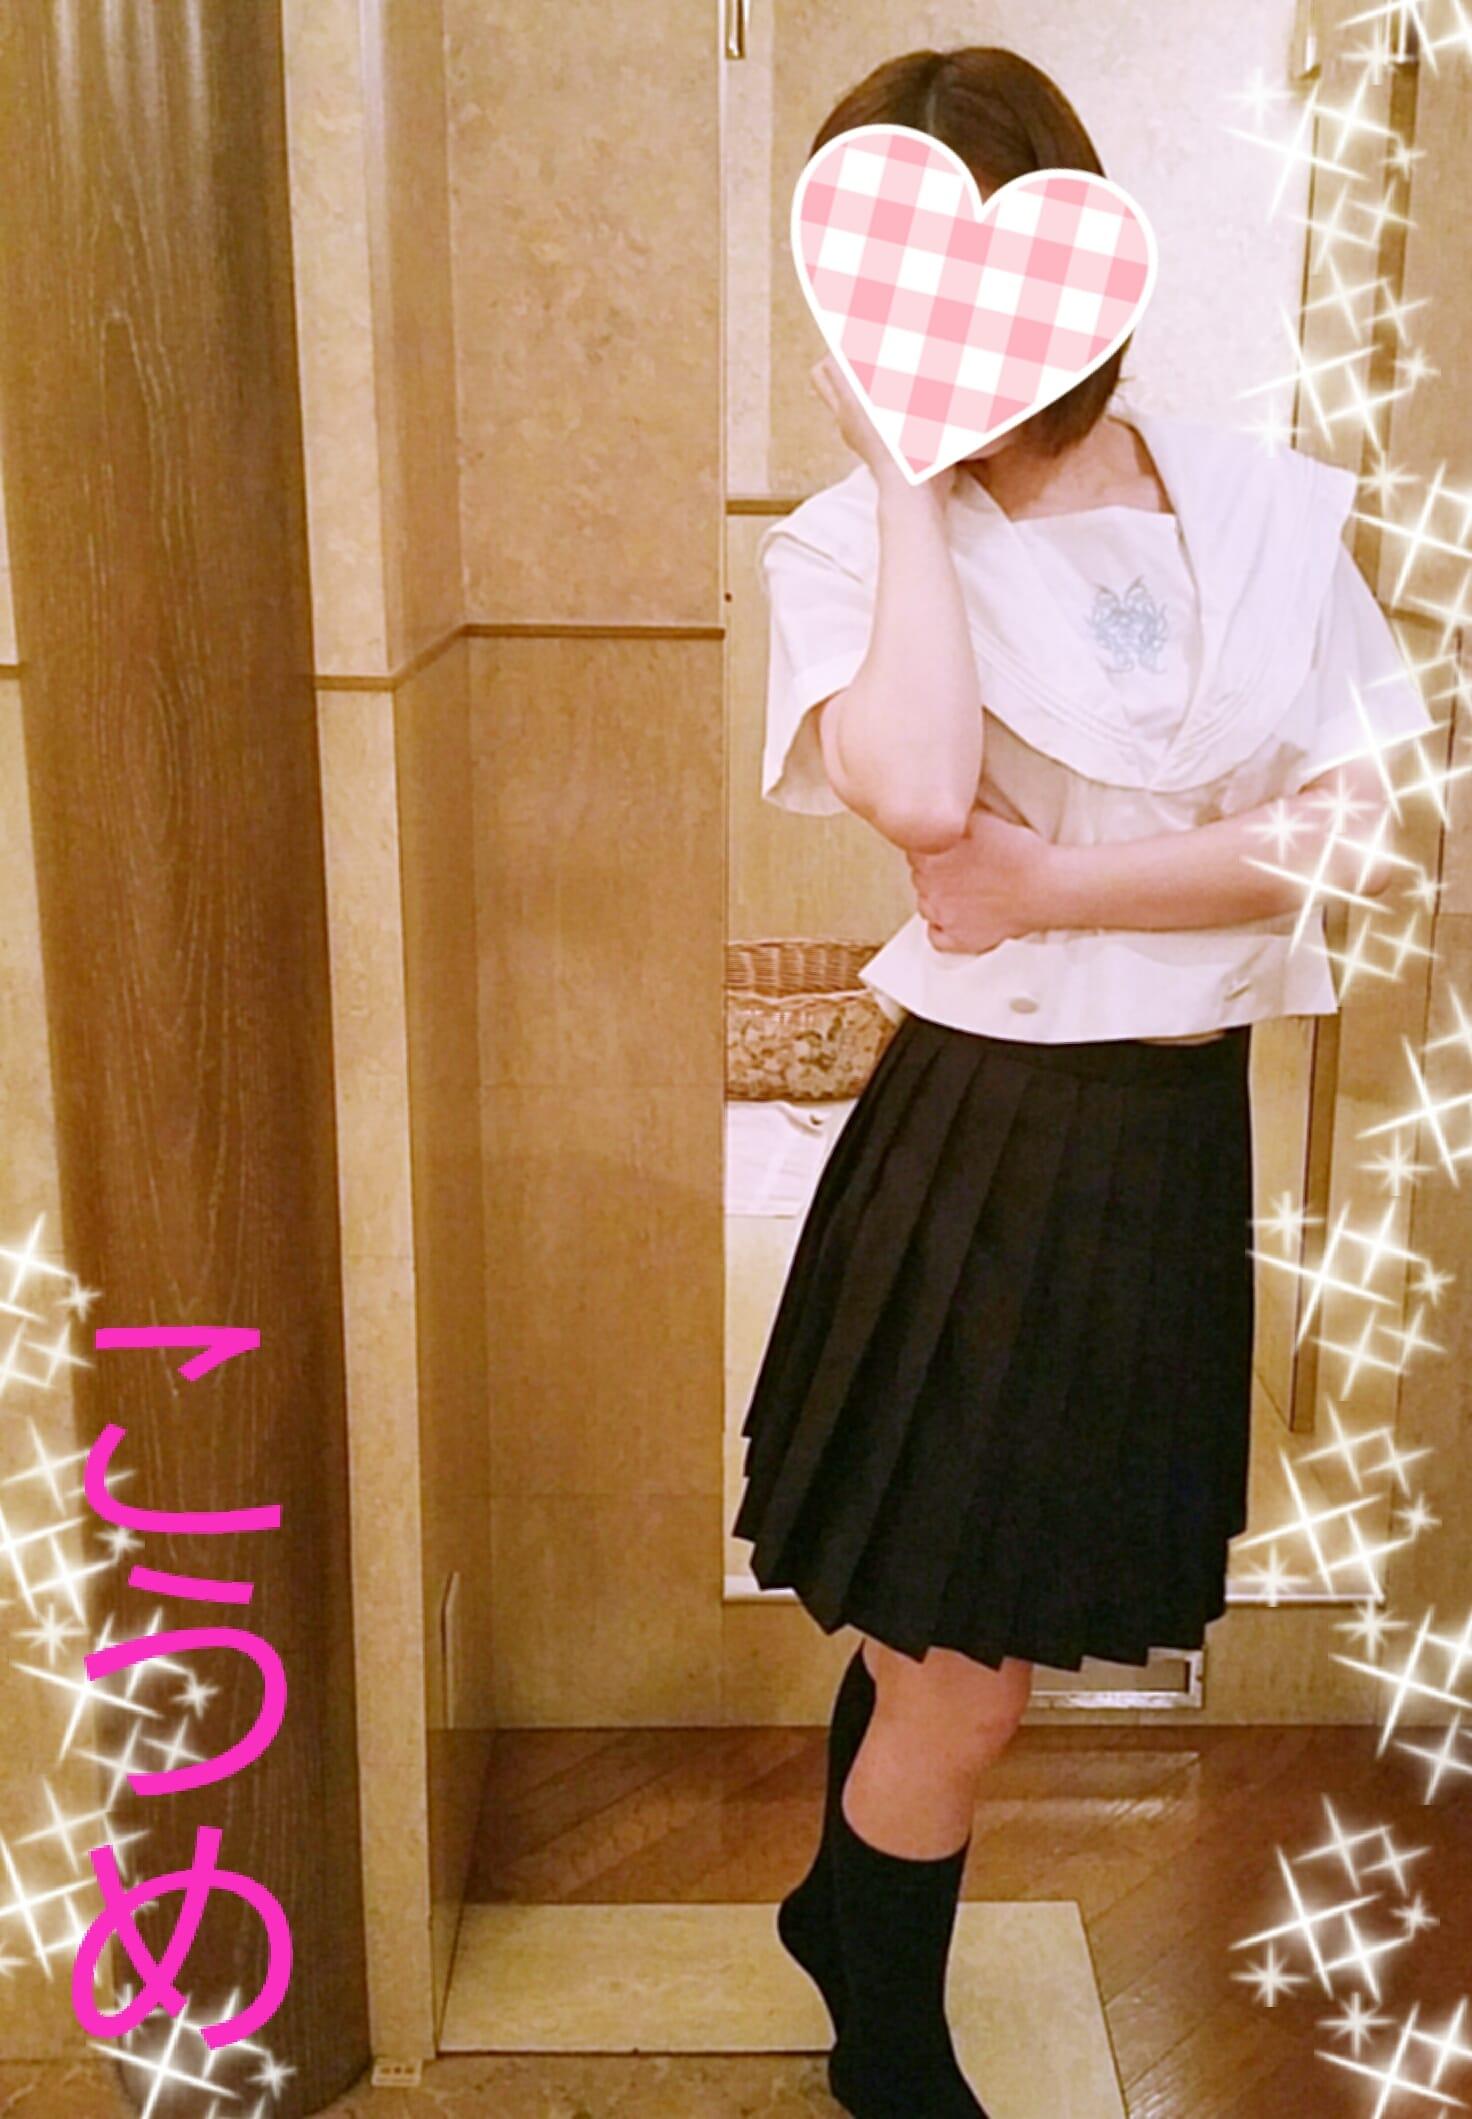 コウメちゃん「フリースタイルの殿方」10/16(月) 22:22 | コウメちゃんの写メ・風俗動画